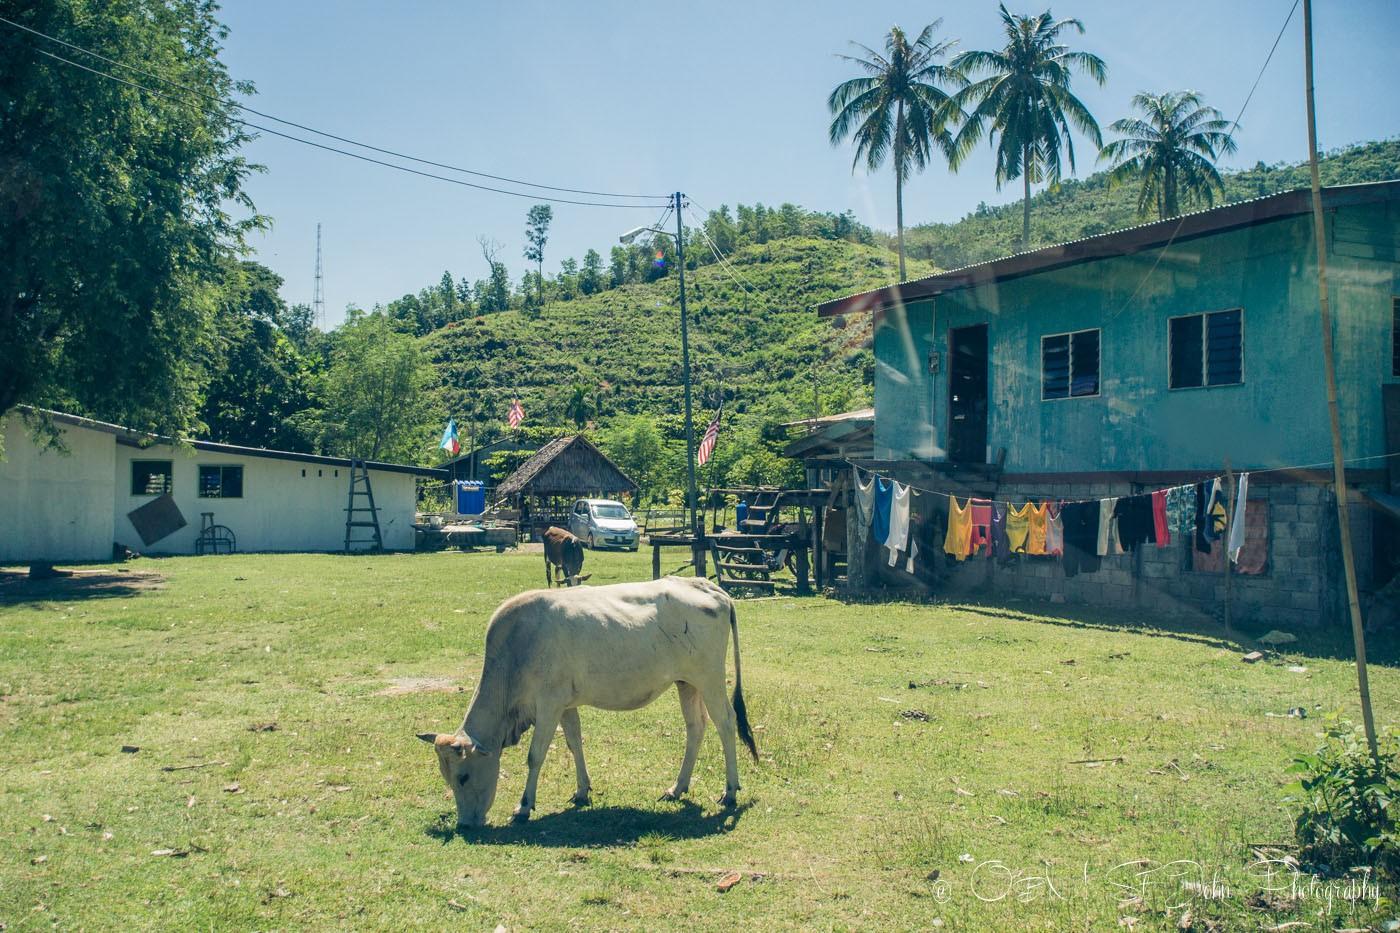 Village of Kampung Pituru Laut, Sabah. Malaysia